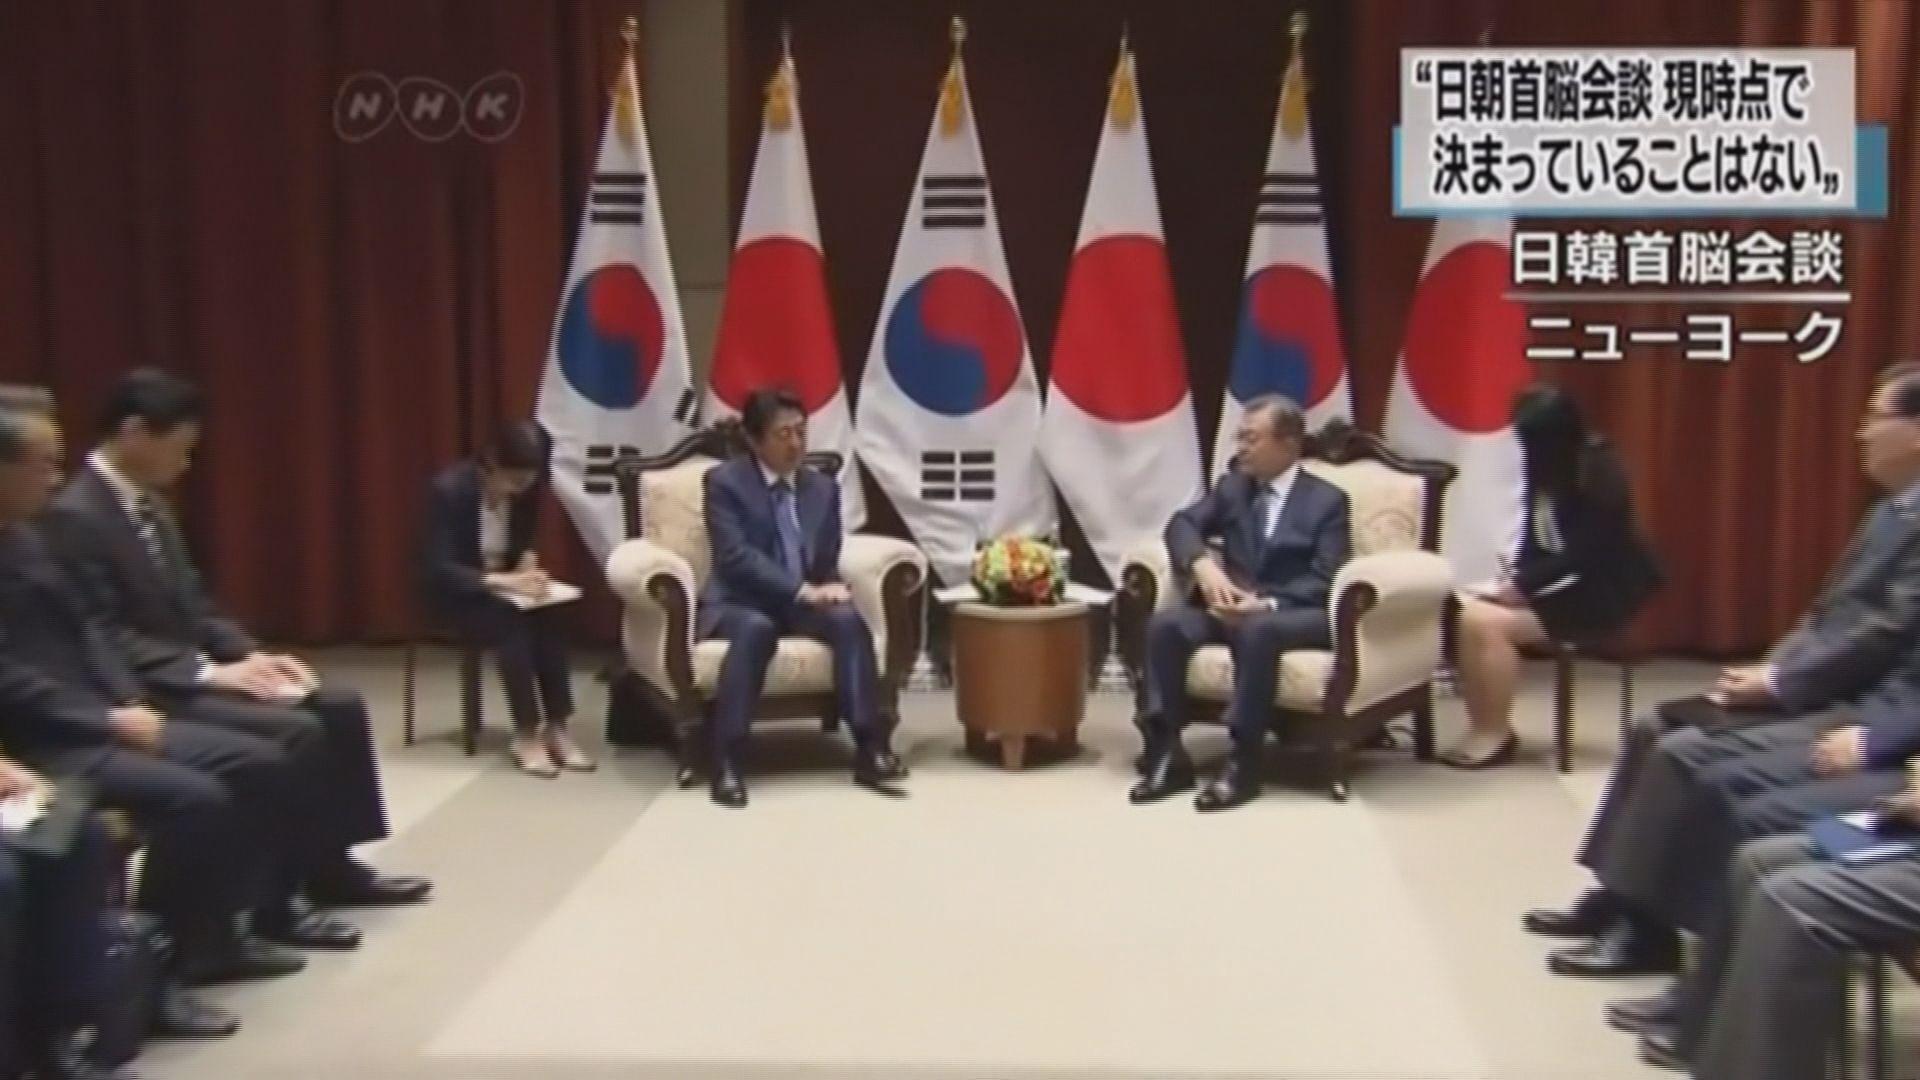 金正恩:願在恰當時候與日本對話